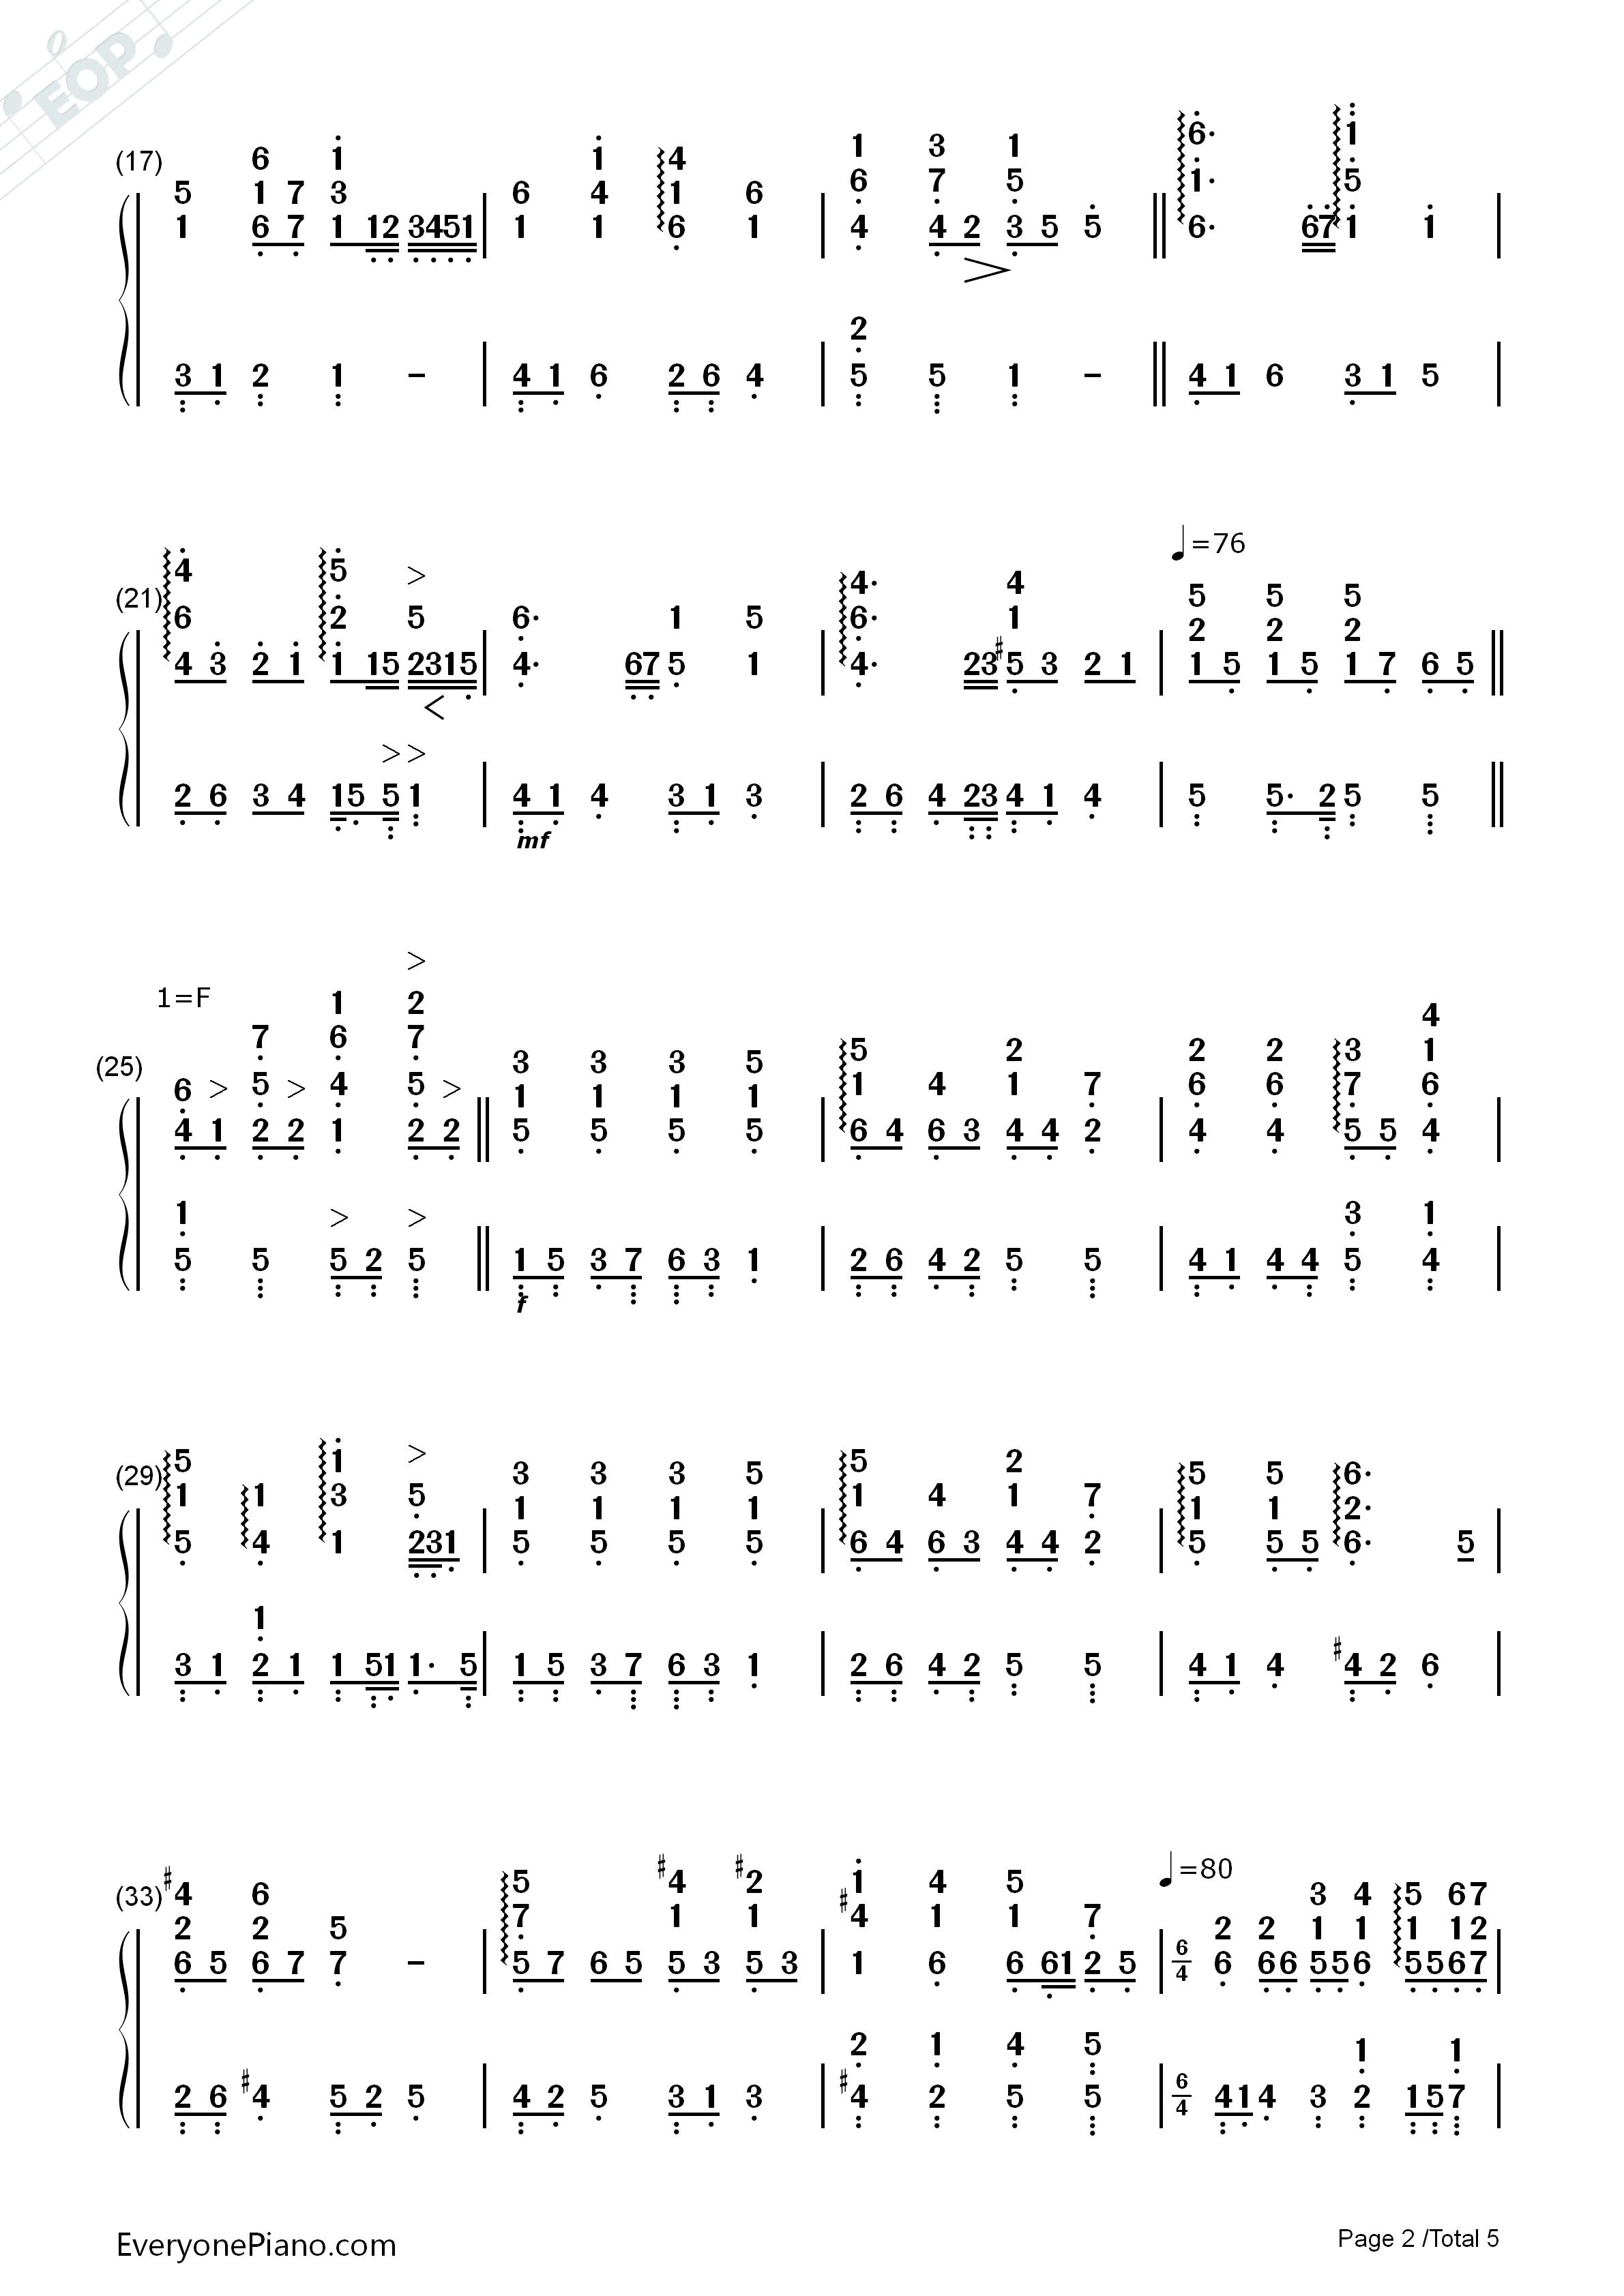 钢琴曲谱 经典 野玫瑰-舒伯特 野玫瑰-舒伯特双手简谱预览2  }  仅供